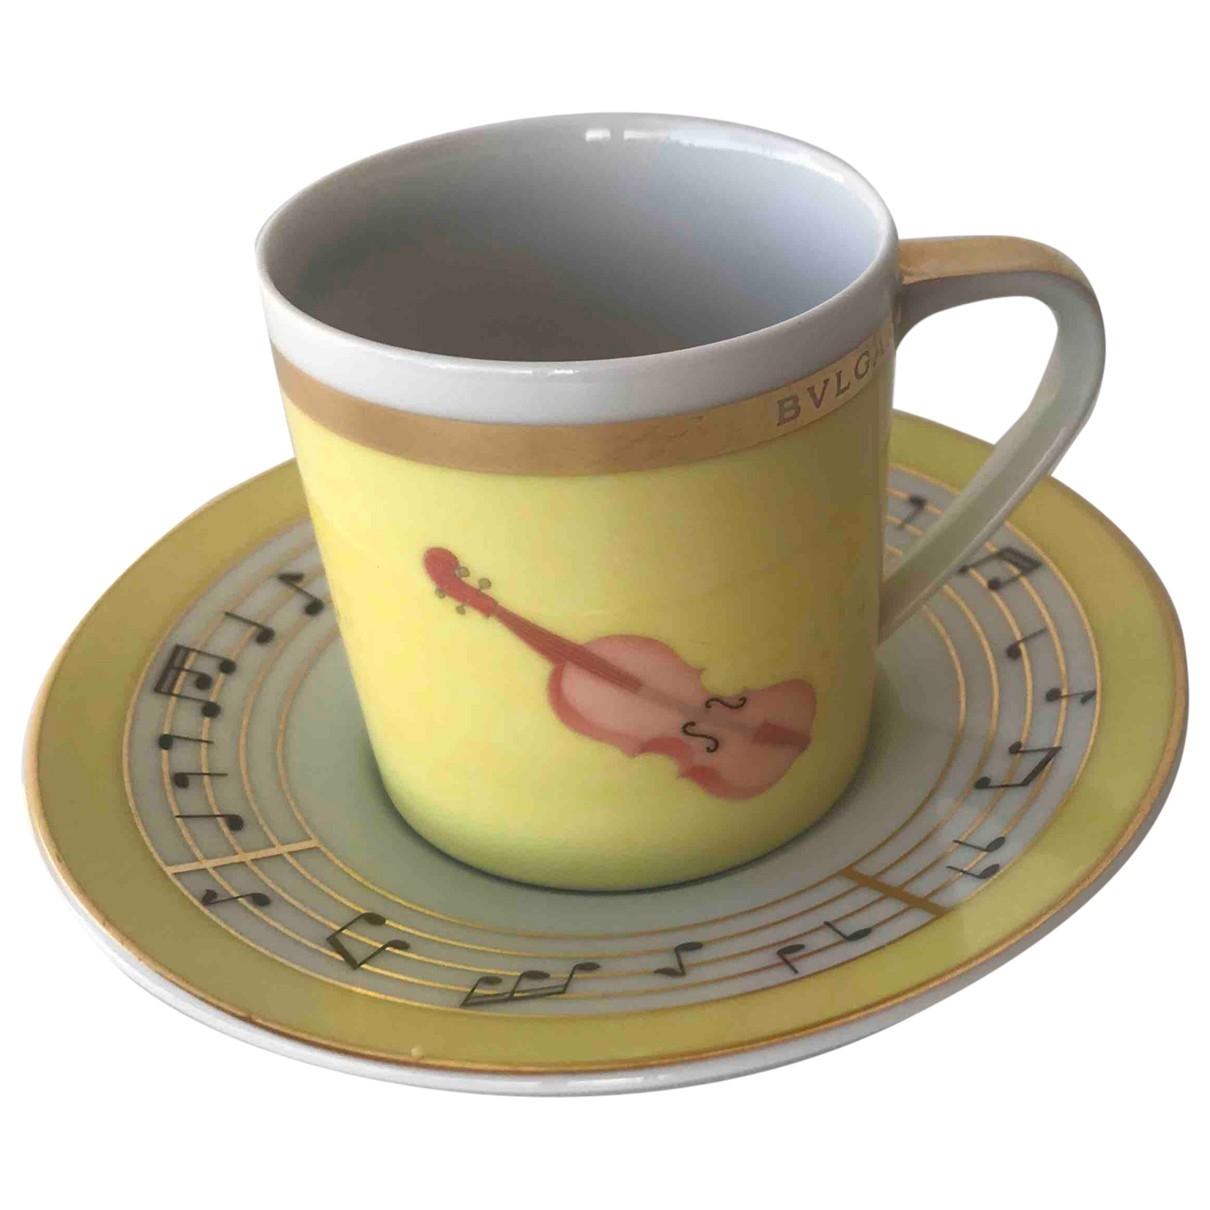 Bvlgari - Arts de la table   pour lifestyle en ceramique - jaune